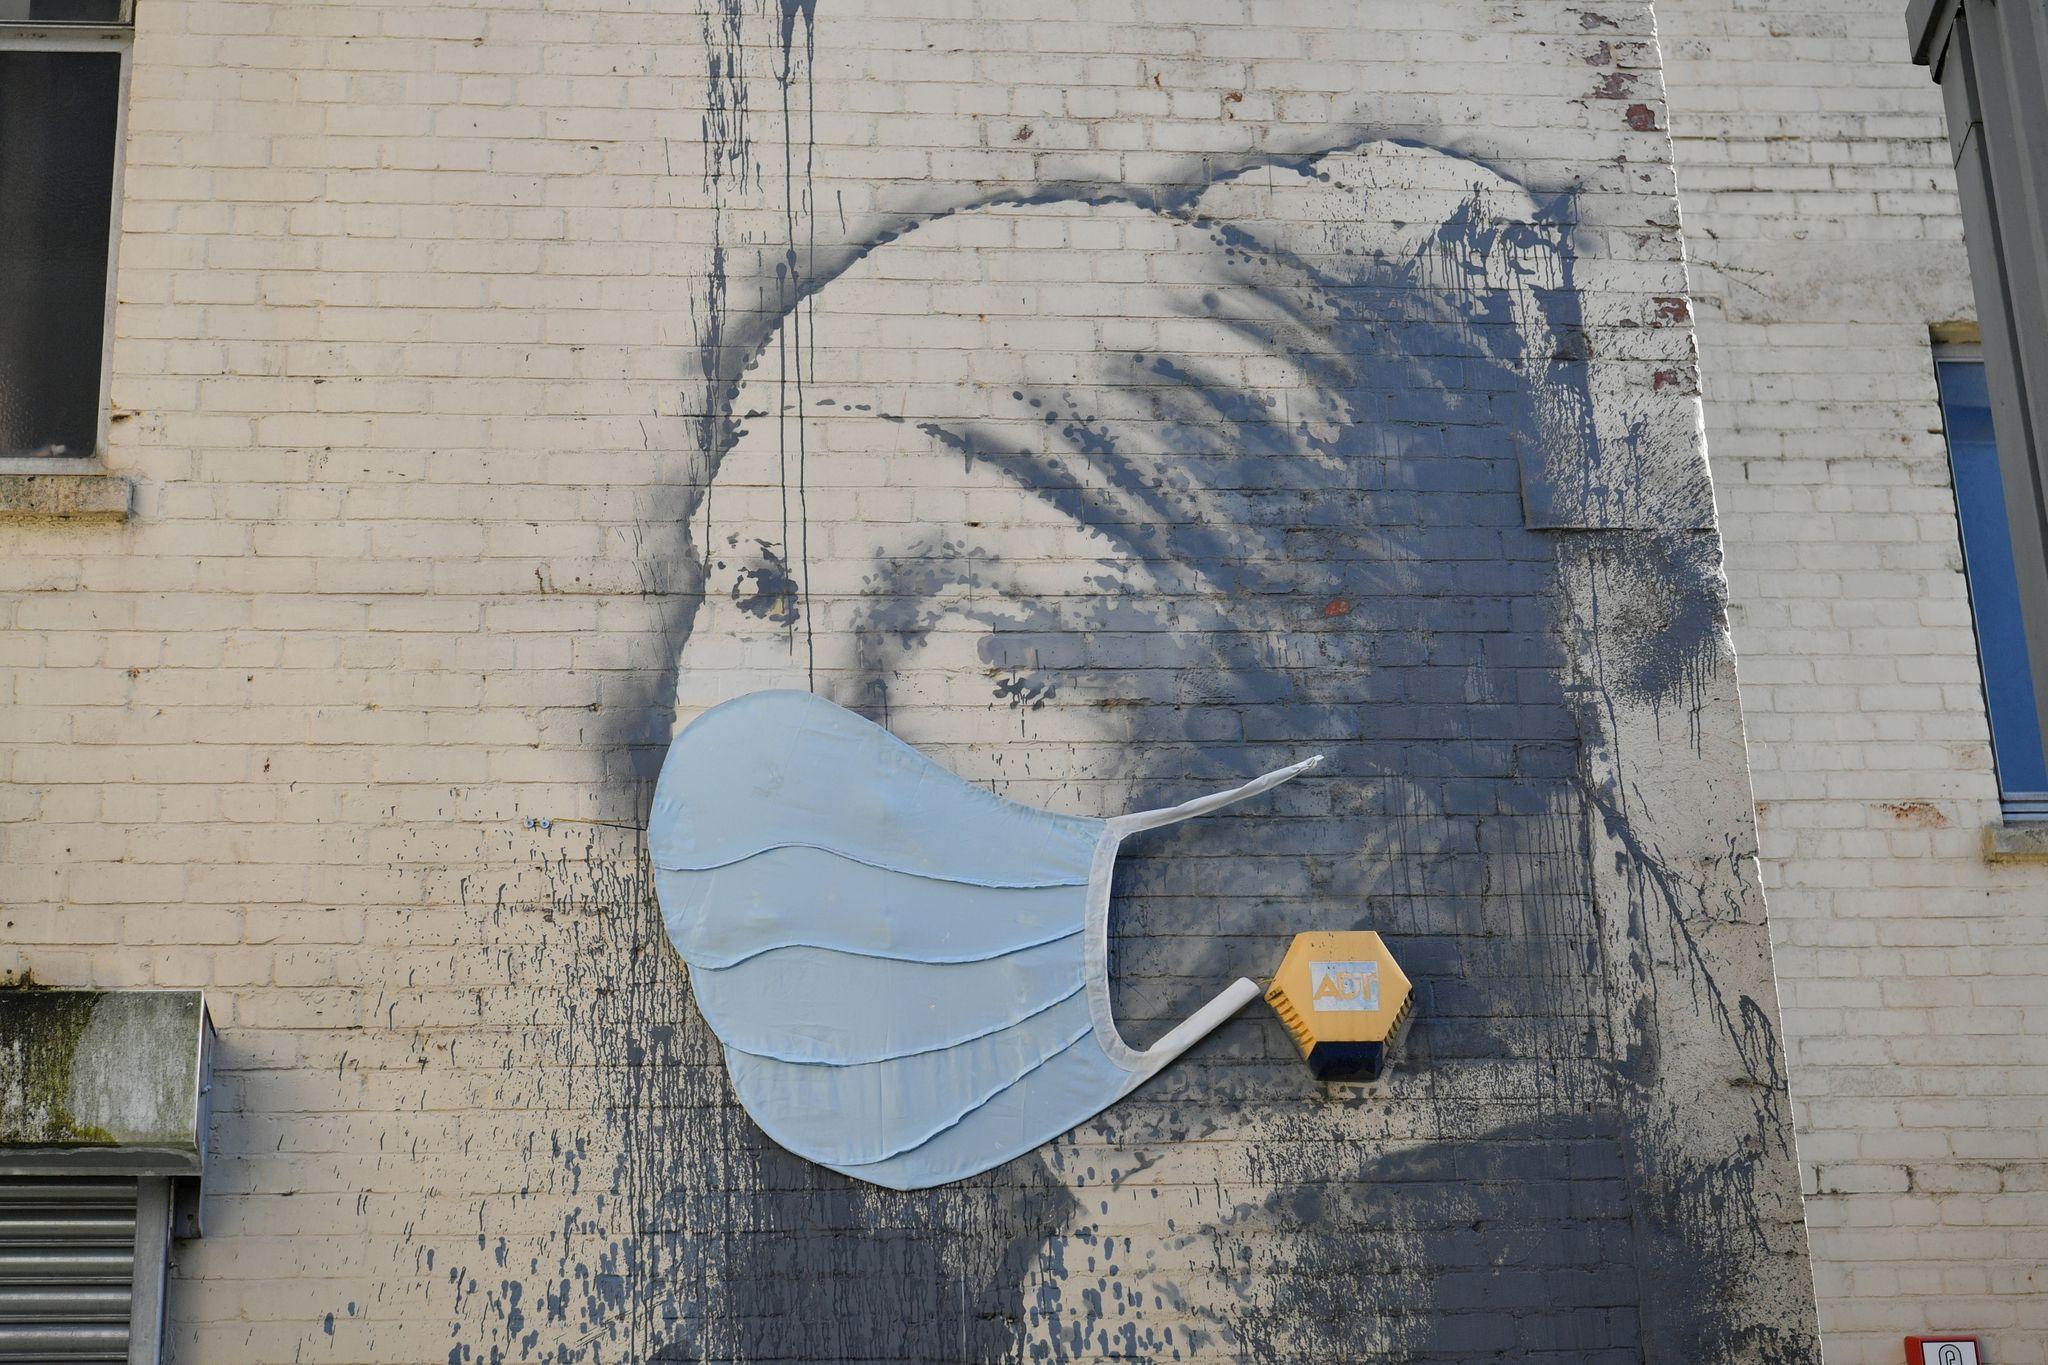 """Das Wandgemälde """"Das Mädchen mit dem Perlenohrring"""" in Bristol, das von Banksy stammen soll, hatte als Reaktion auf die Coronavirus-Pandemie erst vor Kurzem eine Gesichtsmaske bekommen. Foto: dpa/Ben Birchall/PA Wire"""